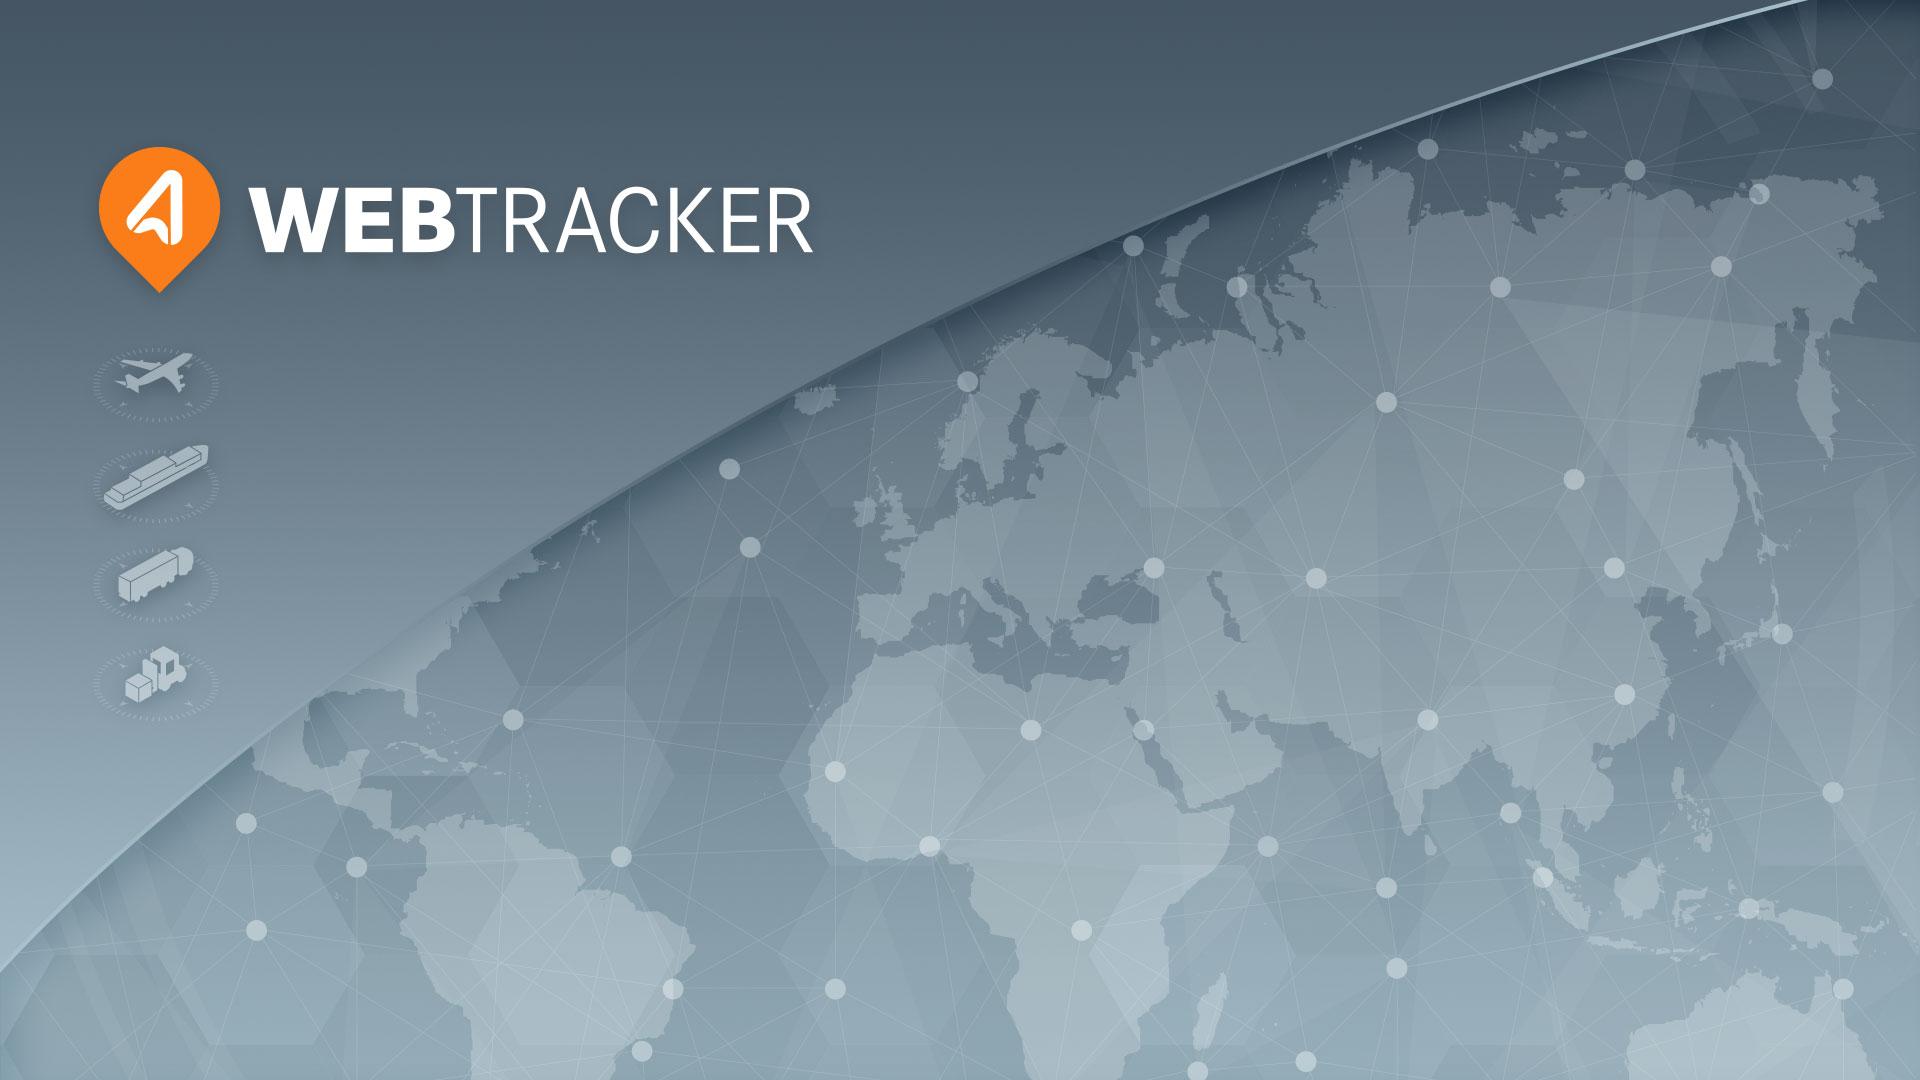 Illustration of the WebTracker